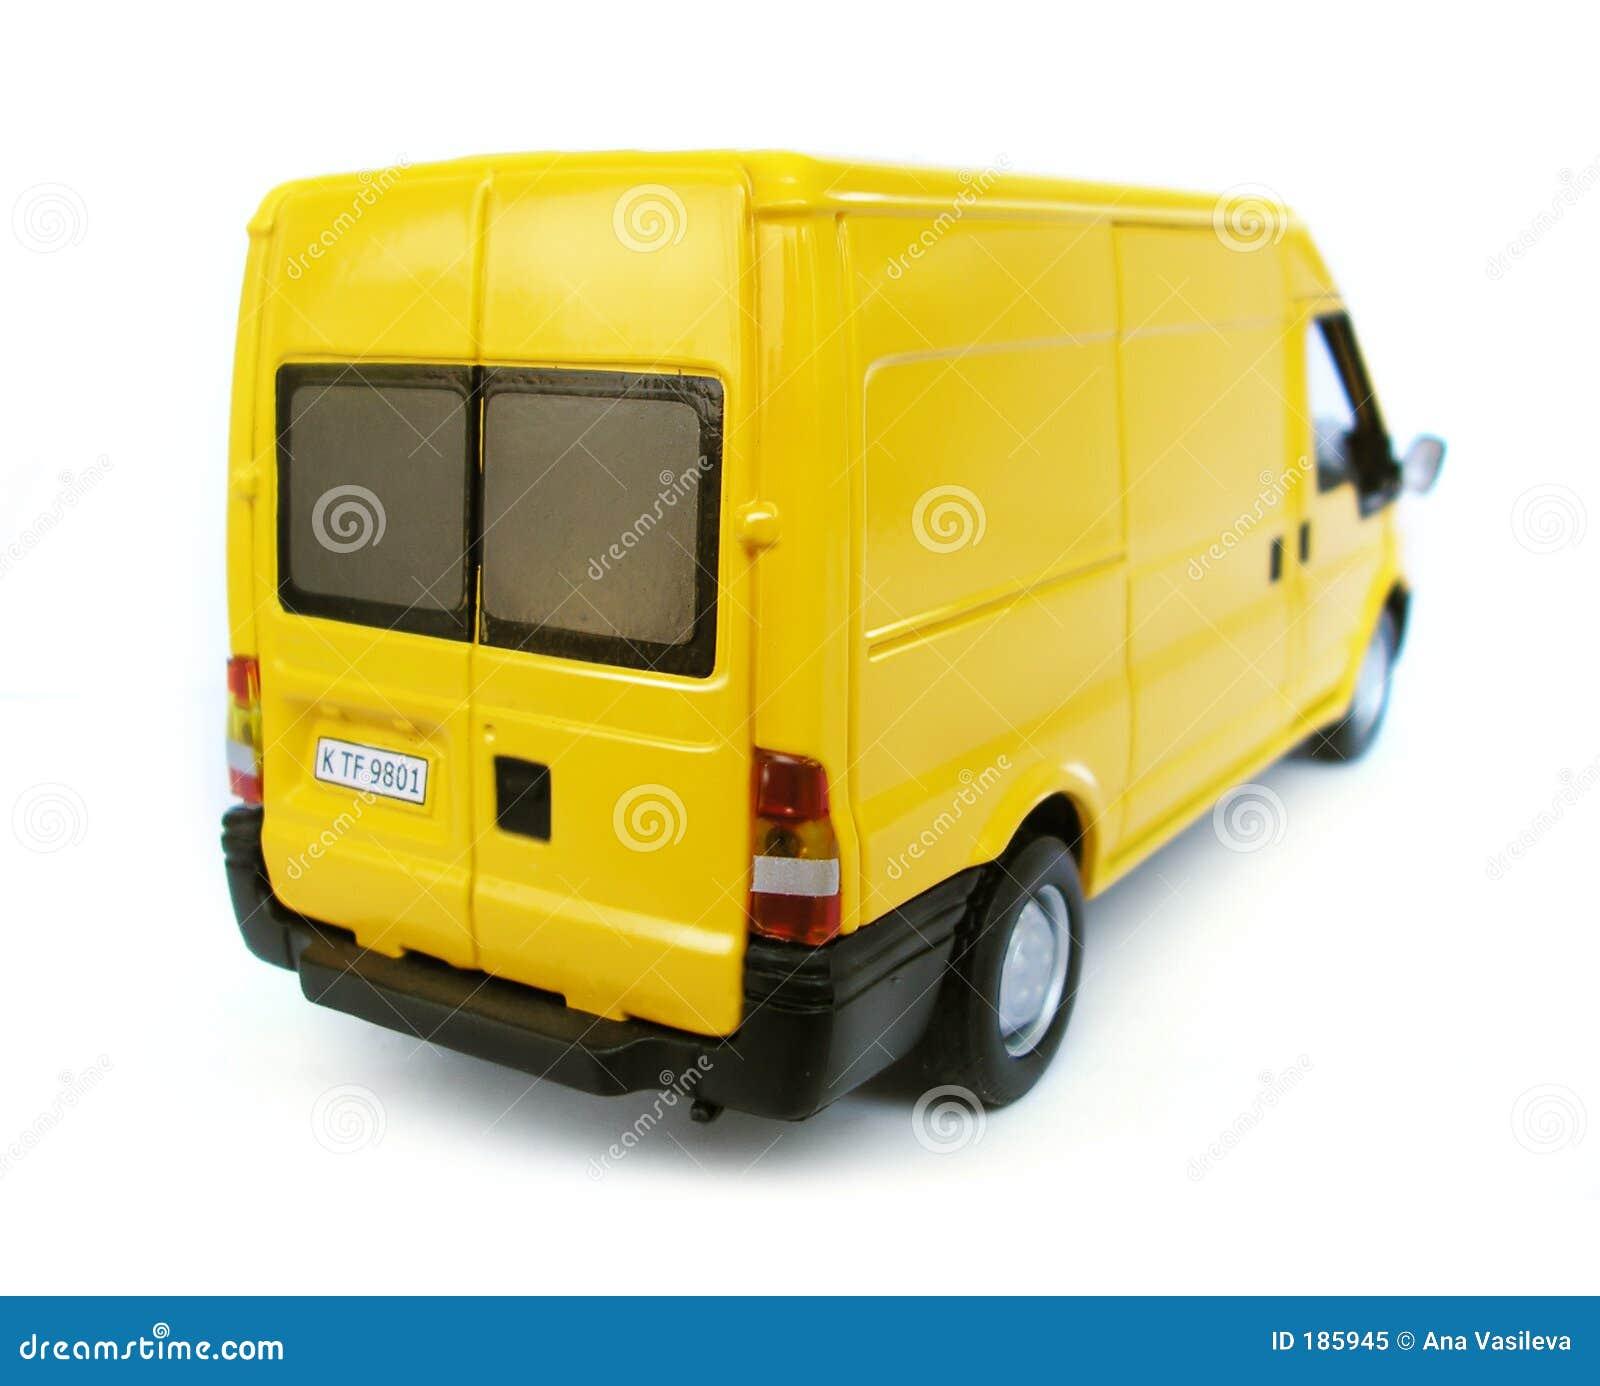 Automobile di modello gialla - Van. Hobby, accumulazione